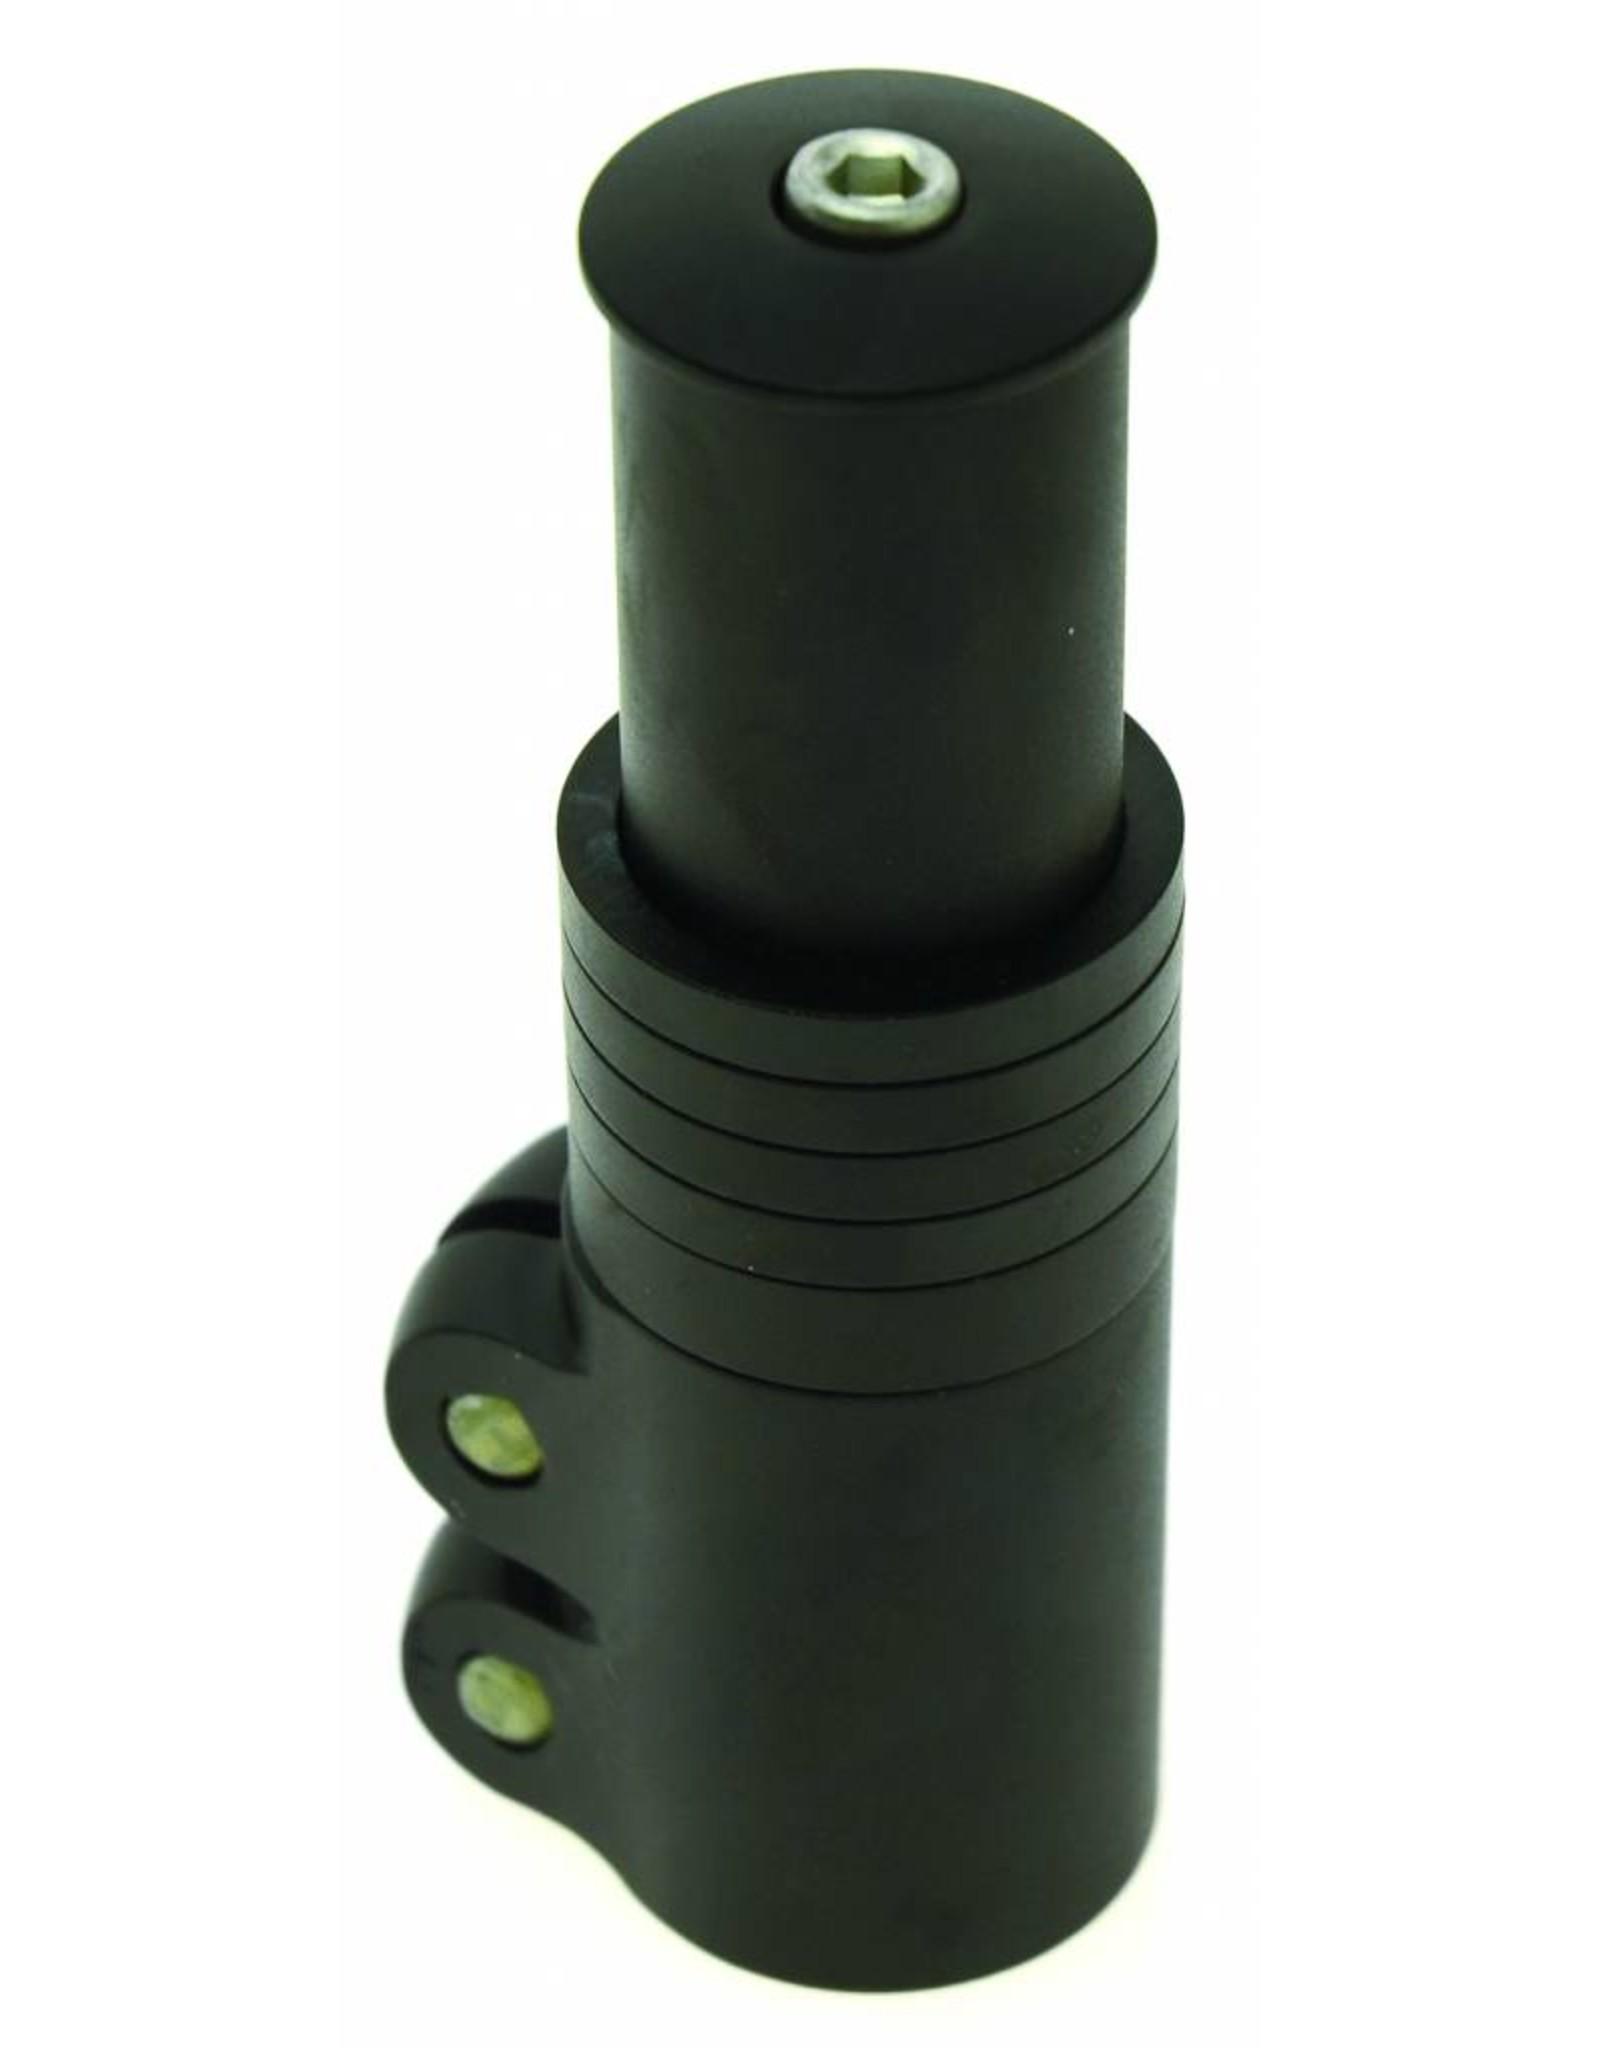 49N 49n Stem Height Extender Black 1 1/8  Extension 117mm